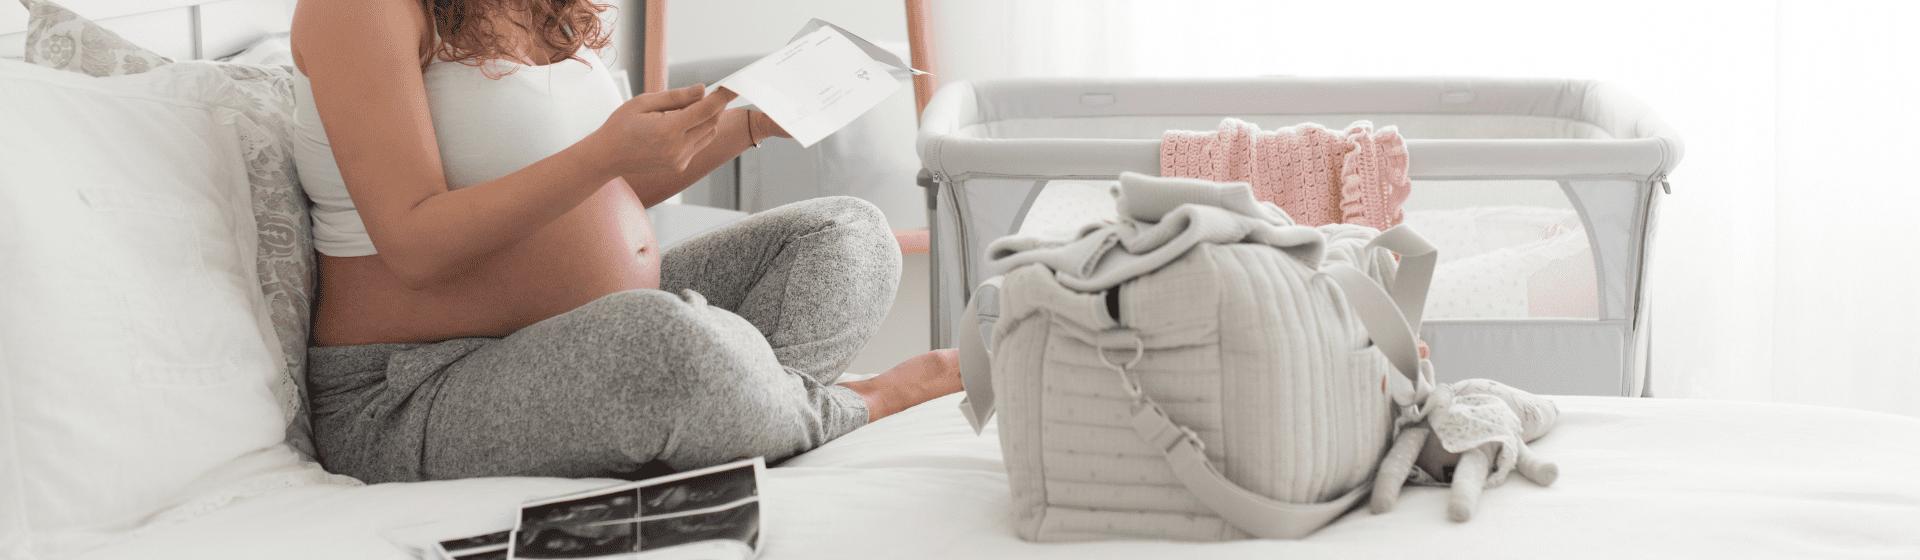 Melhores bolsas de maternidade de 2020: 5 modelos para comprar